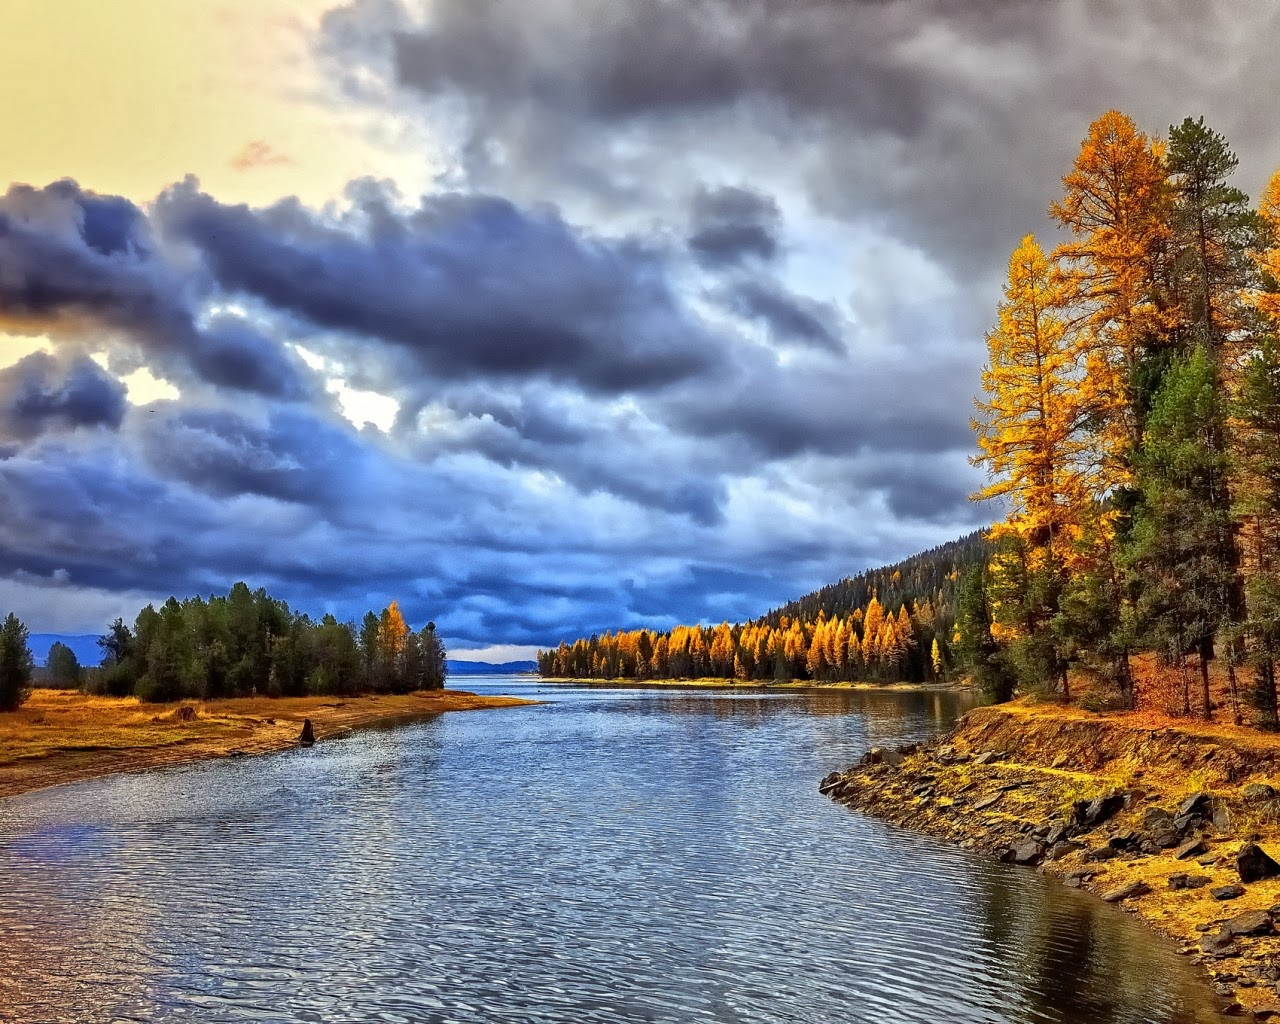 بالصور صور مناظر حلوه , مناظر الطبيعة الخلابة اسرة للروح 3213 5